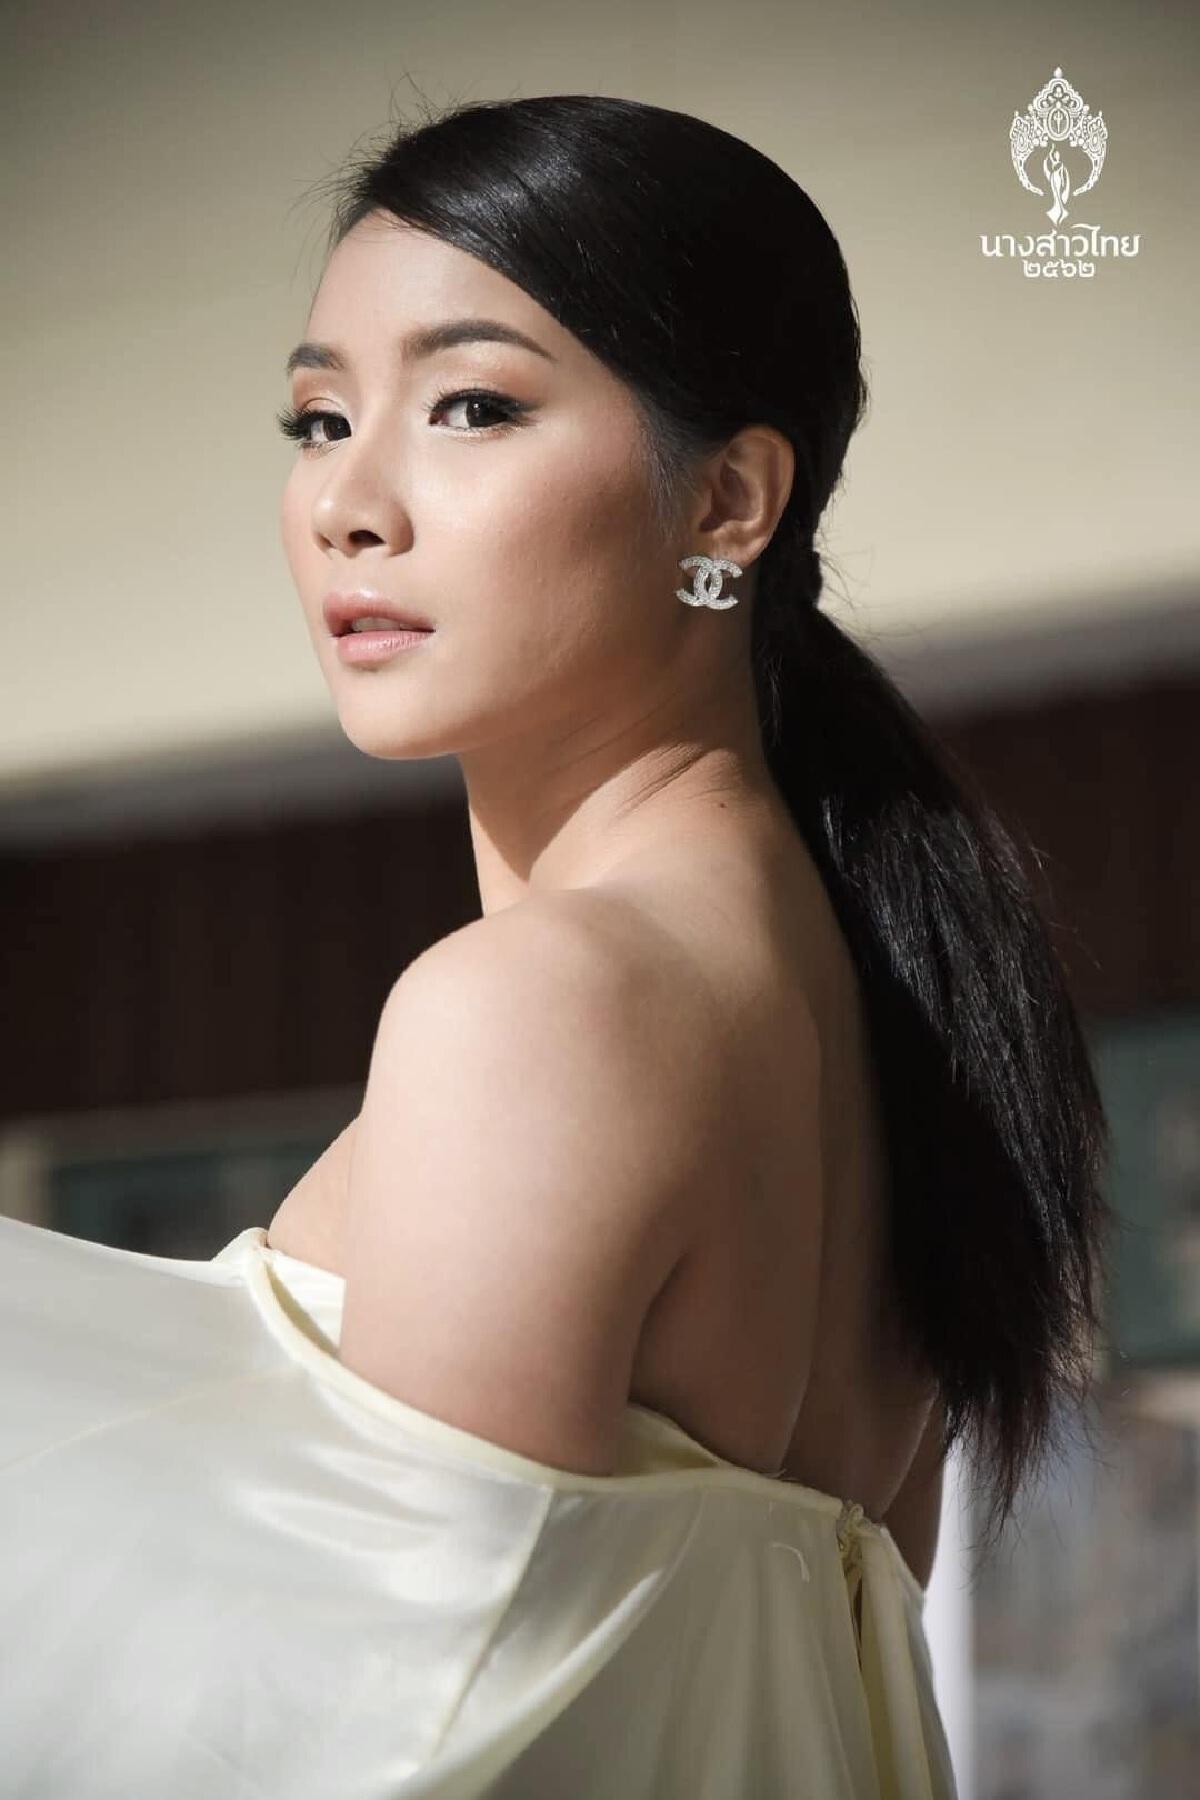 บิ๊นท์ สิรีธร นางสาวไทยปี 2562 สุดอาลัยวงการนางงามสูญเสีย น้องน้ำมนต์